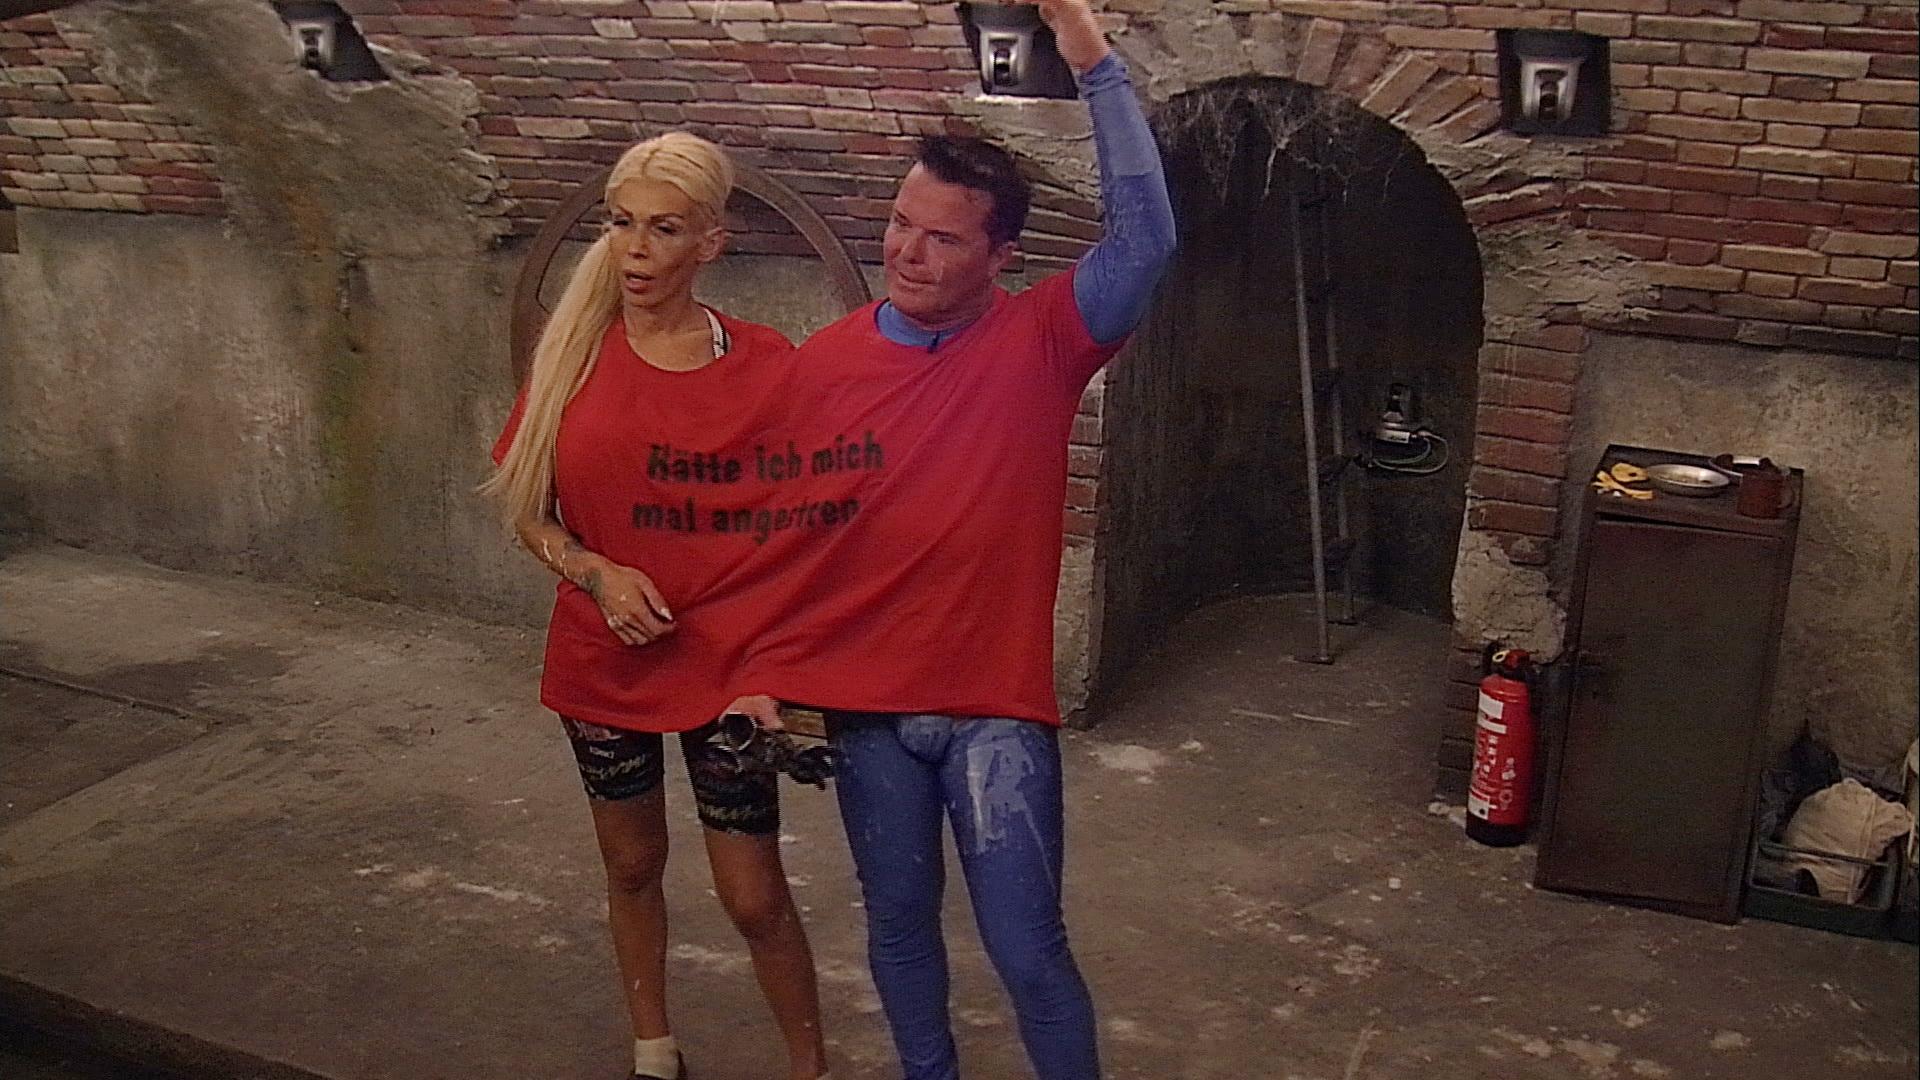 Promi Big Brother 2016 Tag 3 - Edona und Marcus müssen Loser-Shirt tragen